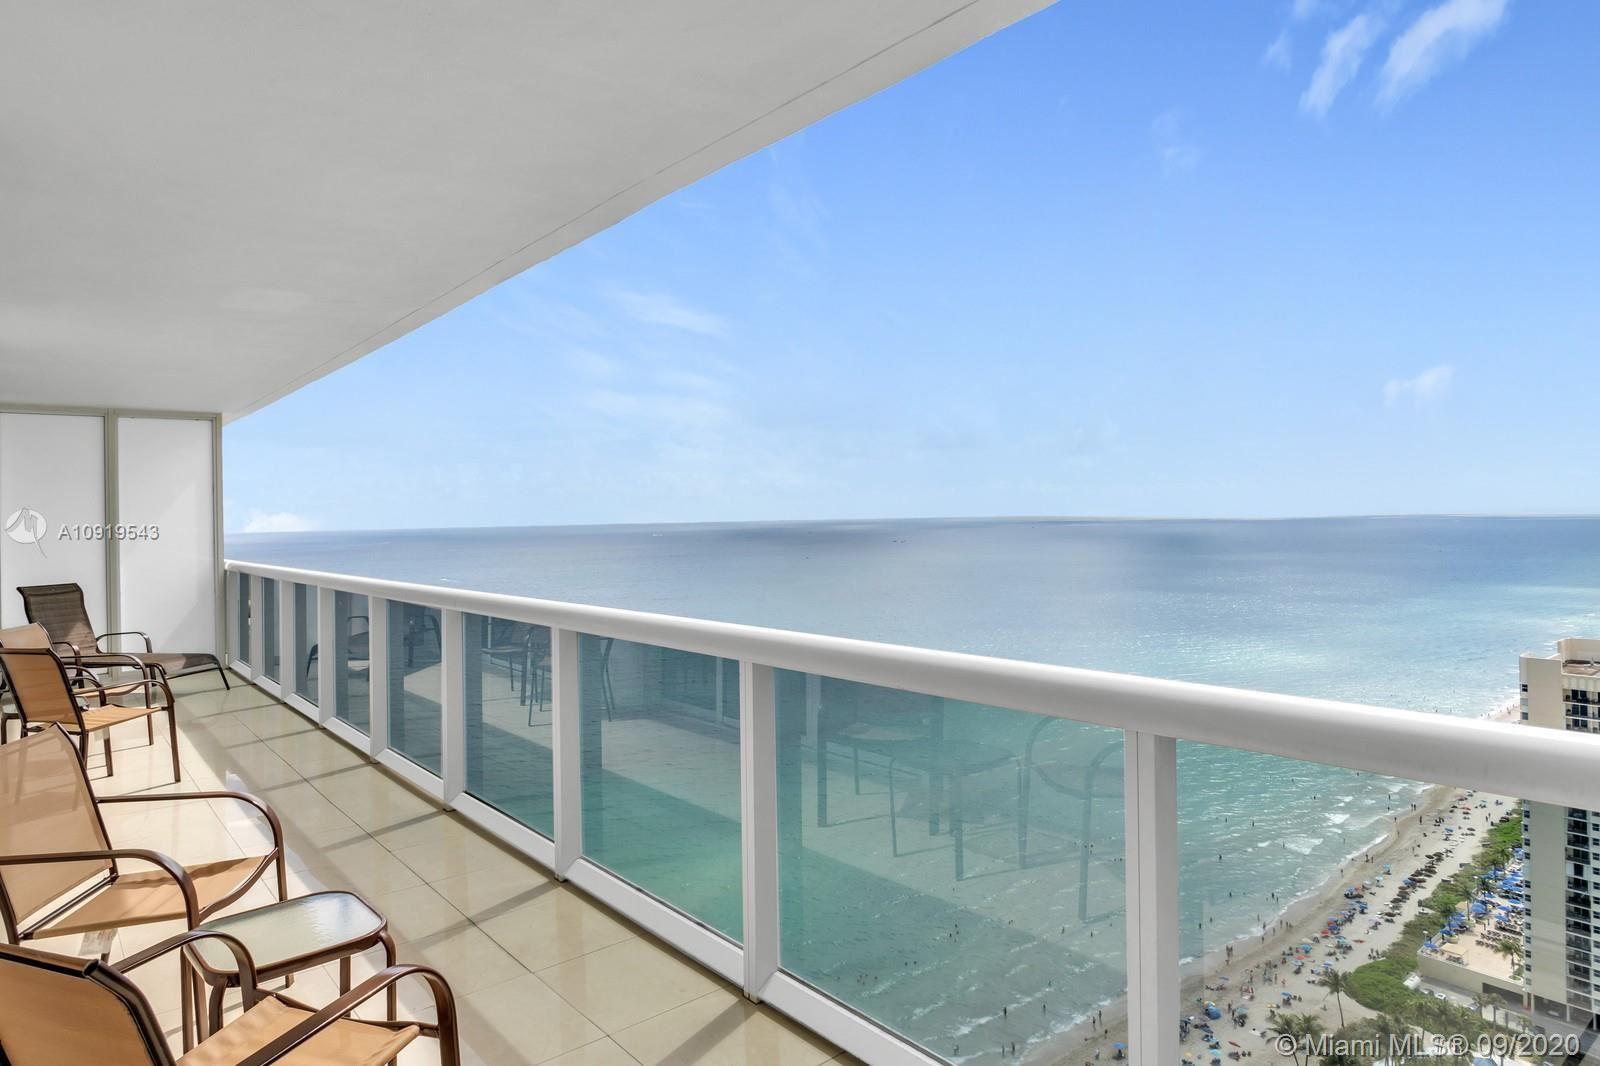 1830 S Ocean Dr #3404, Hallandale Beach, FL 33009 - #: A10919543